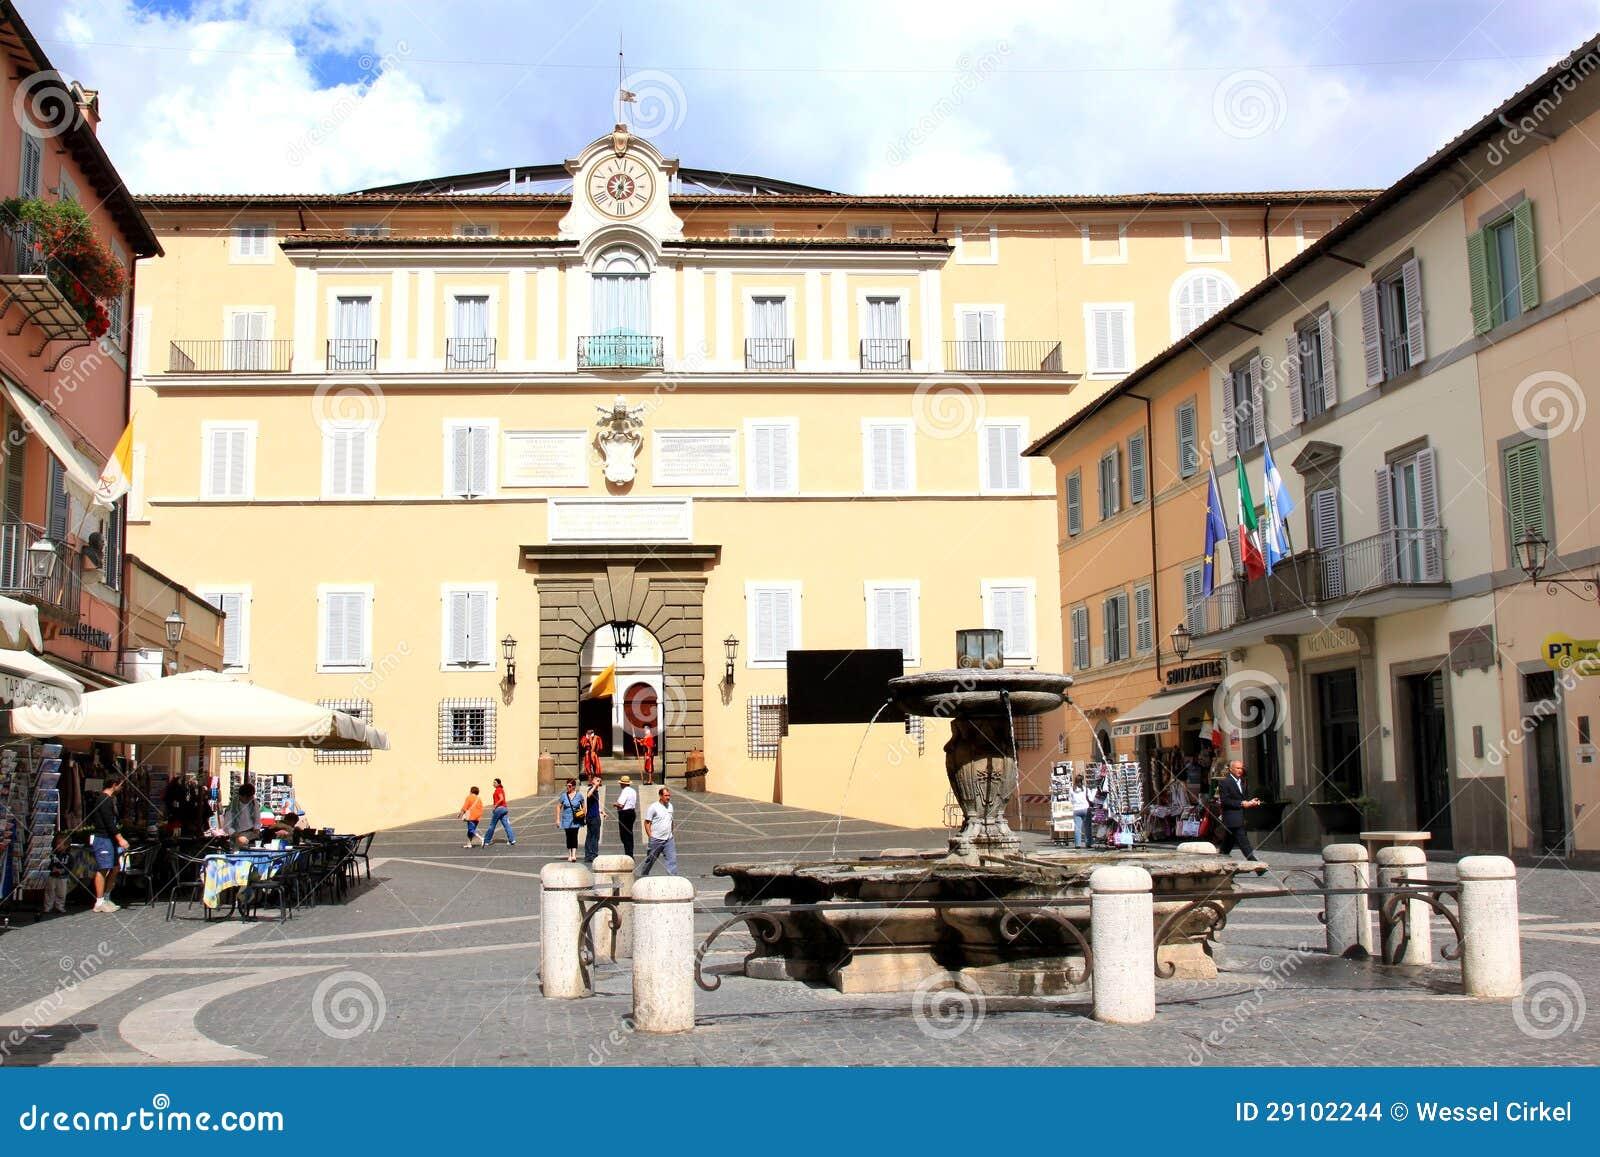 summer residence of pope  castel gandolfo  italy editorial